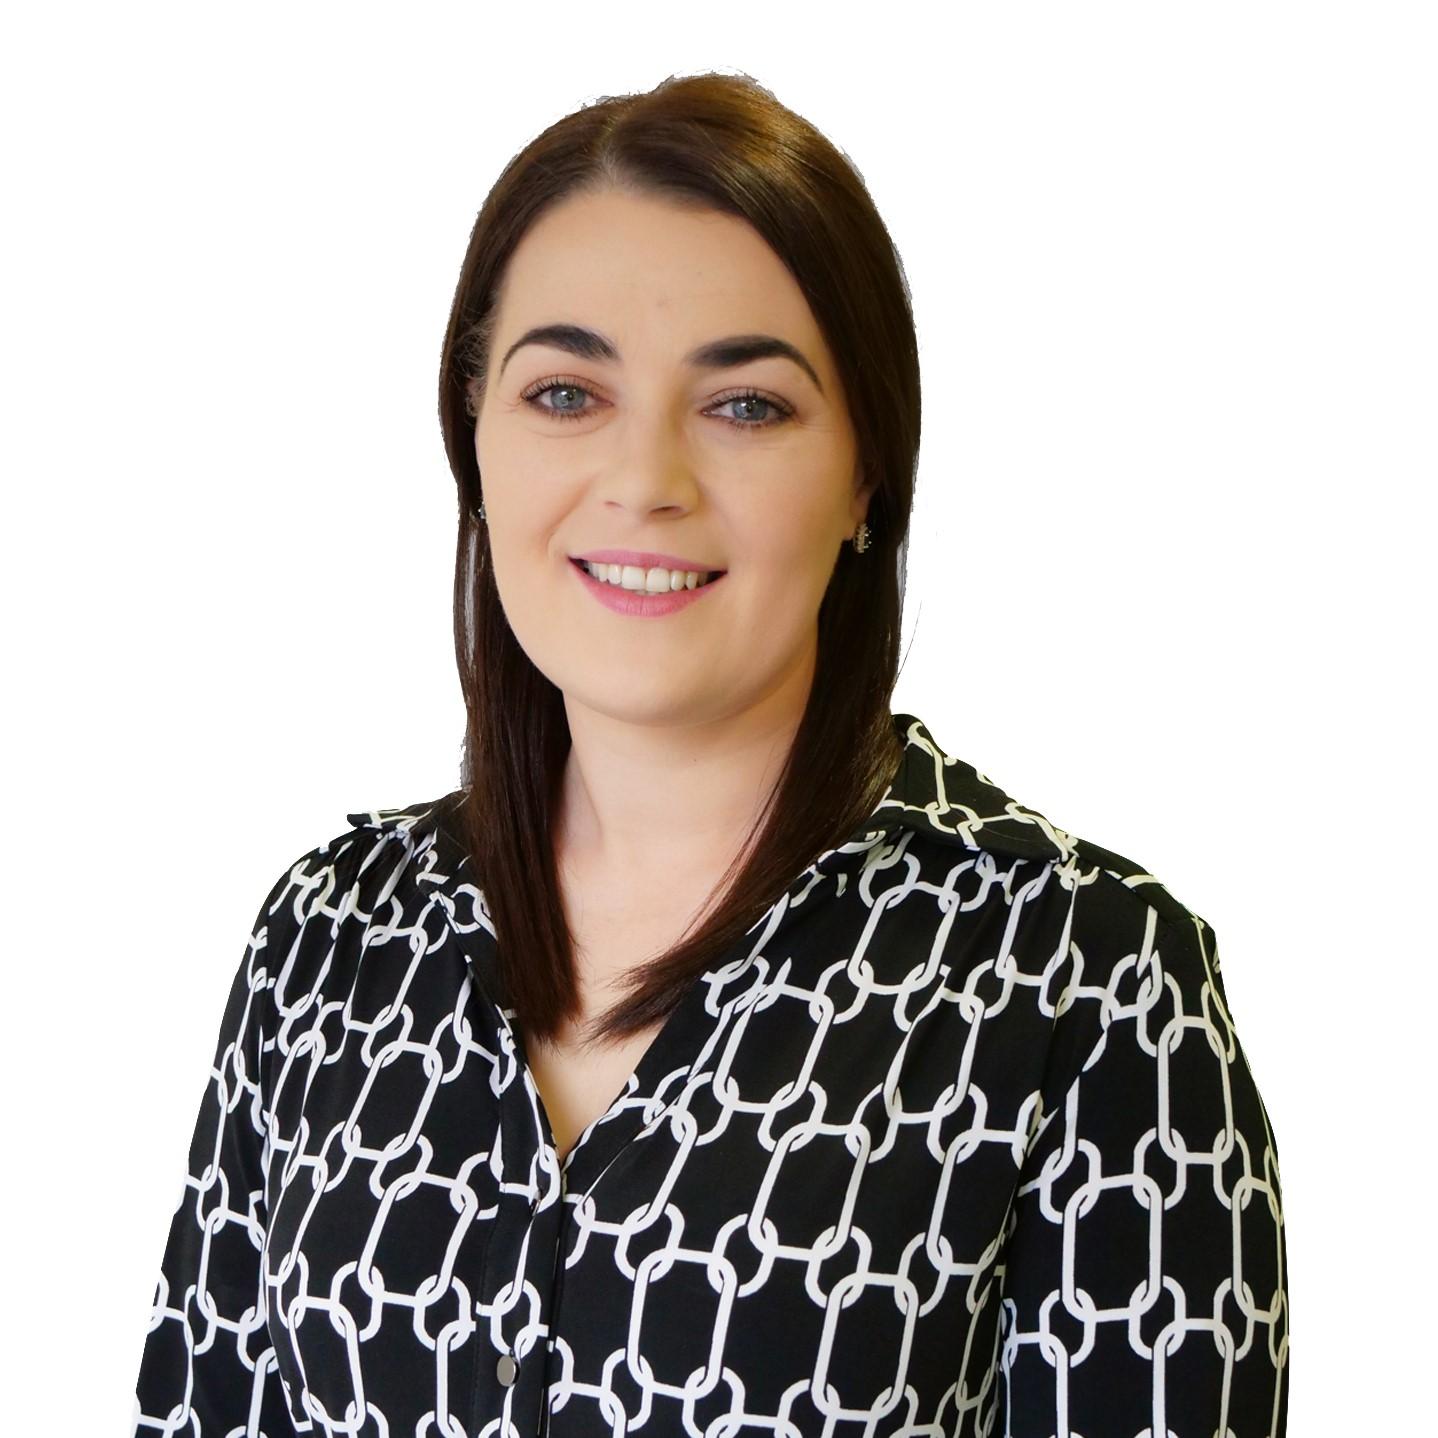 Rachel Heffernan